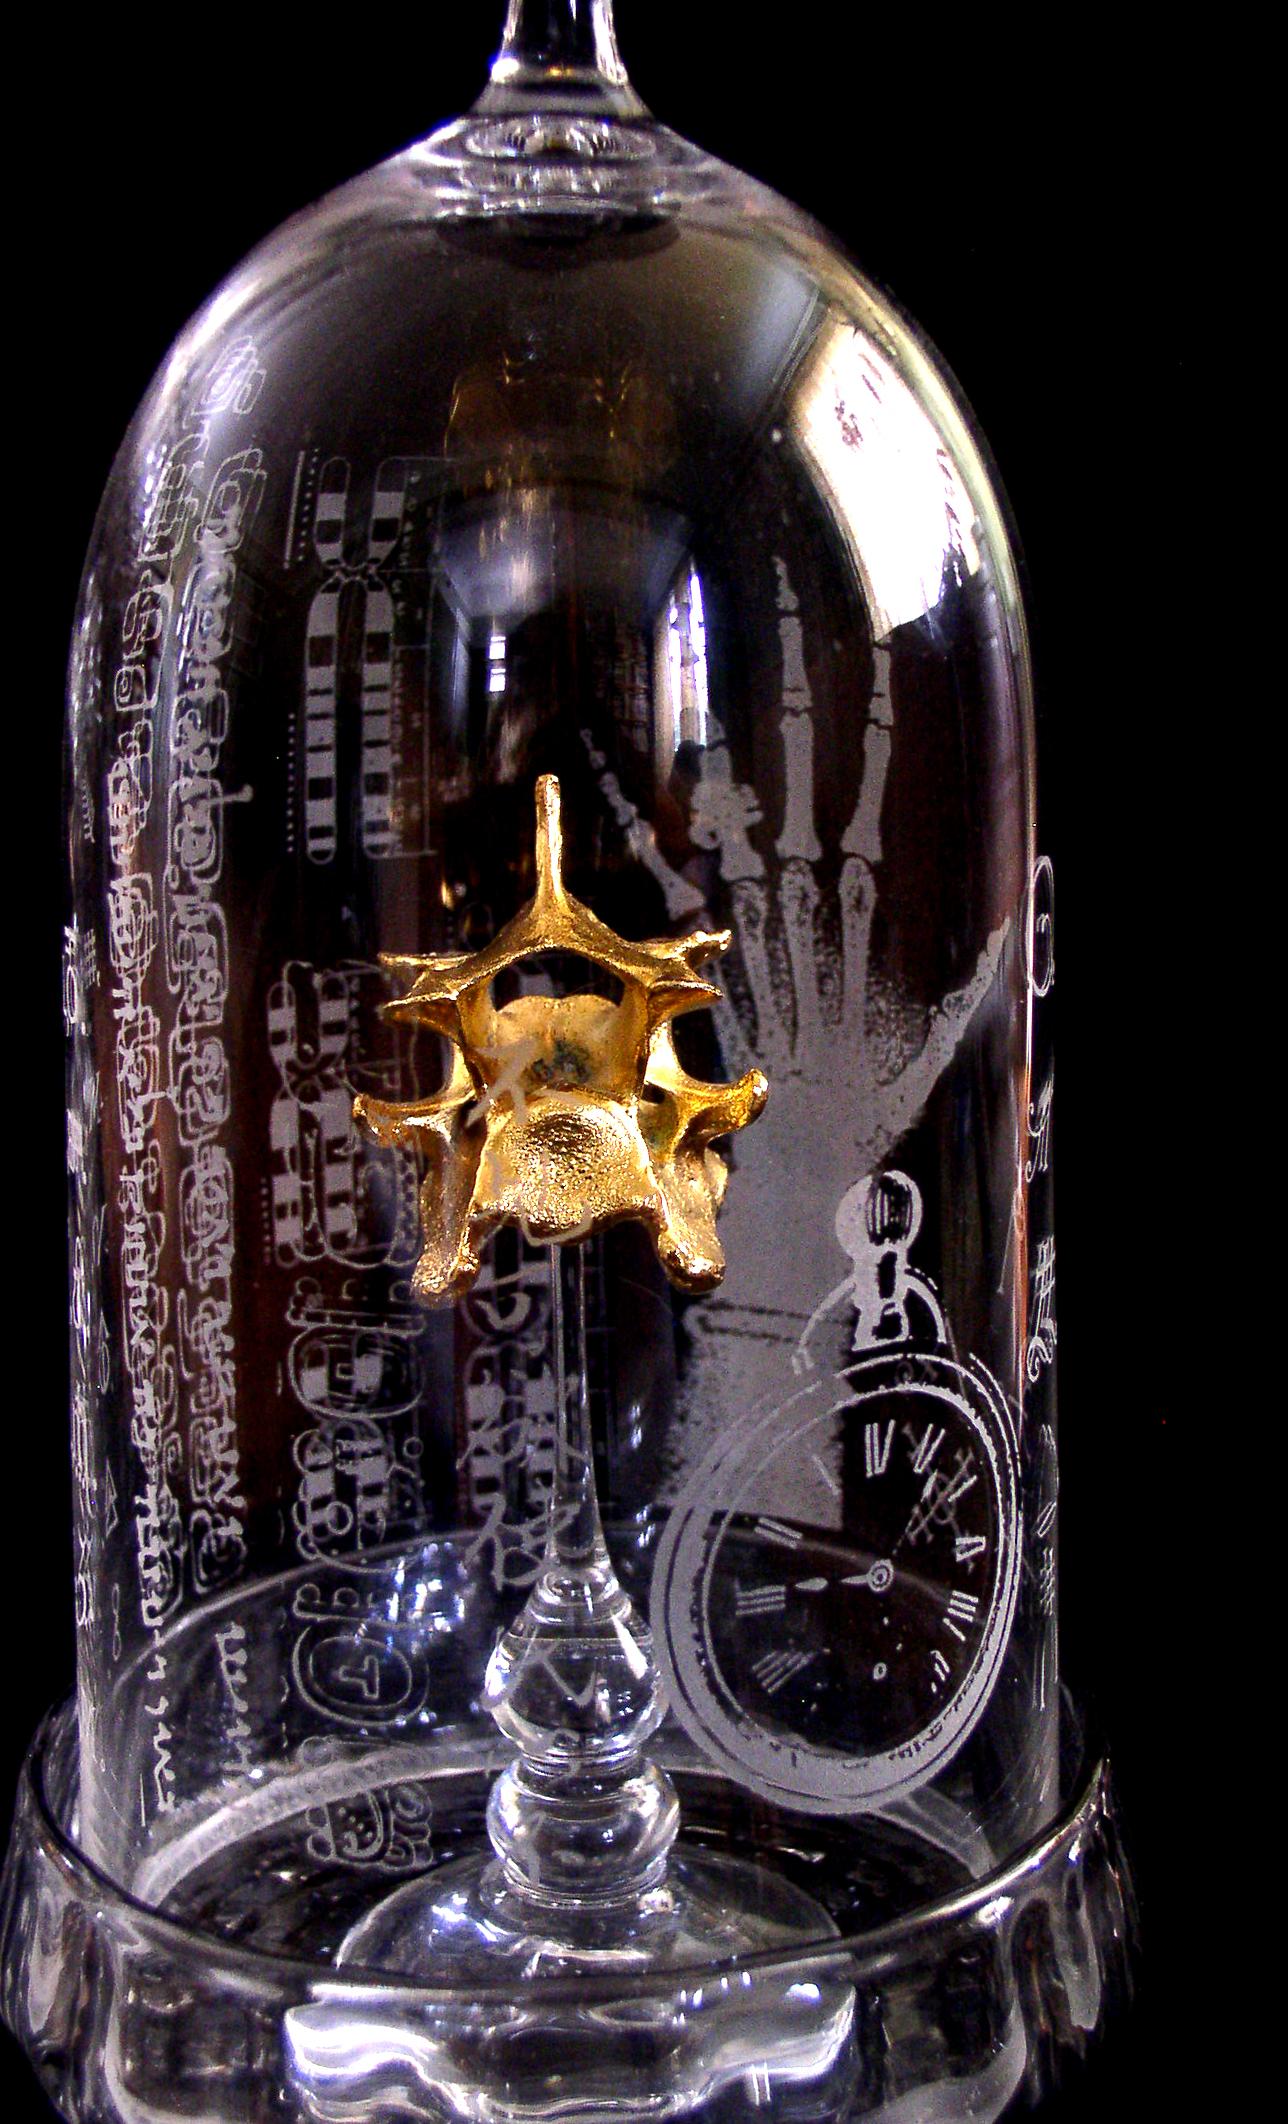 bell jar etching detail